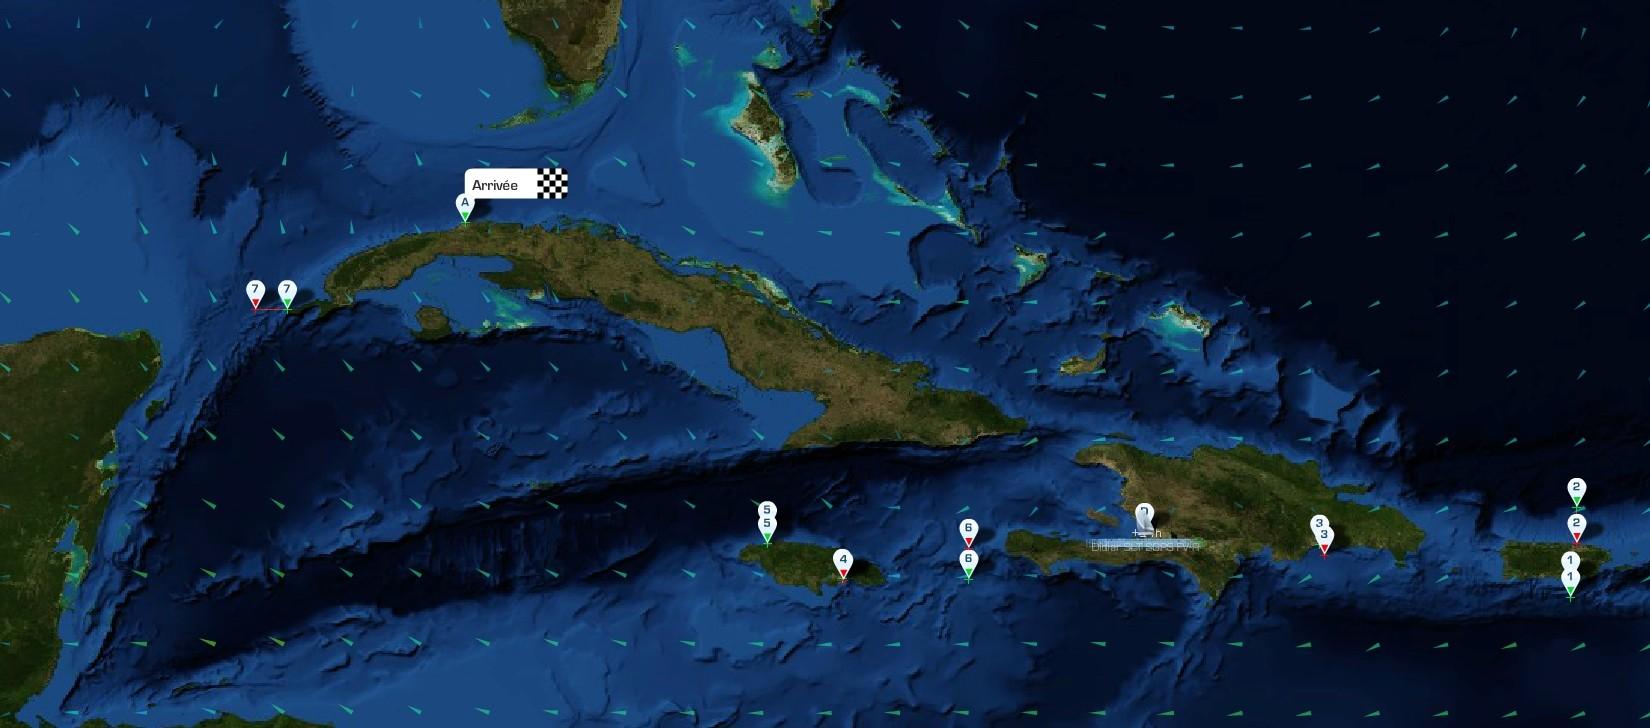 Greater Antilles Antill10